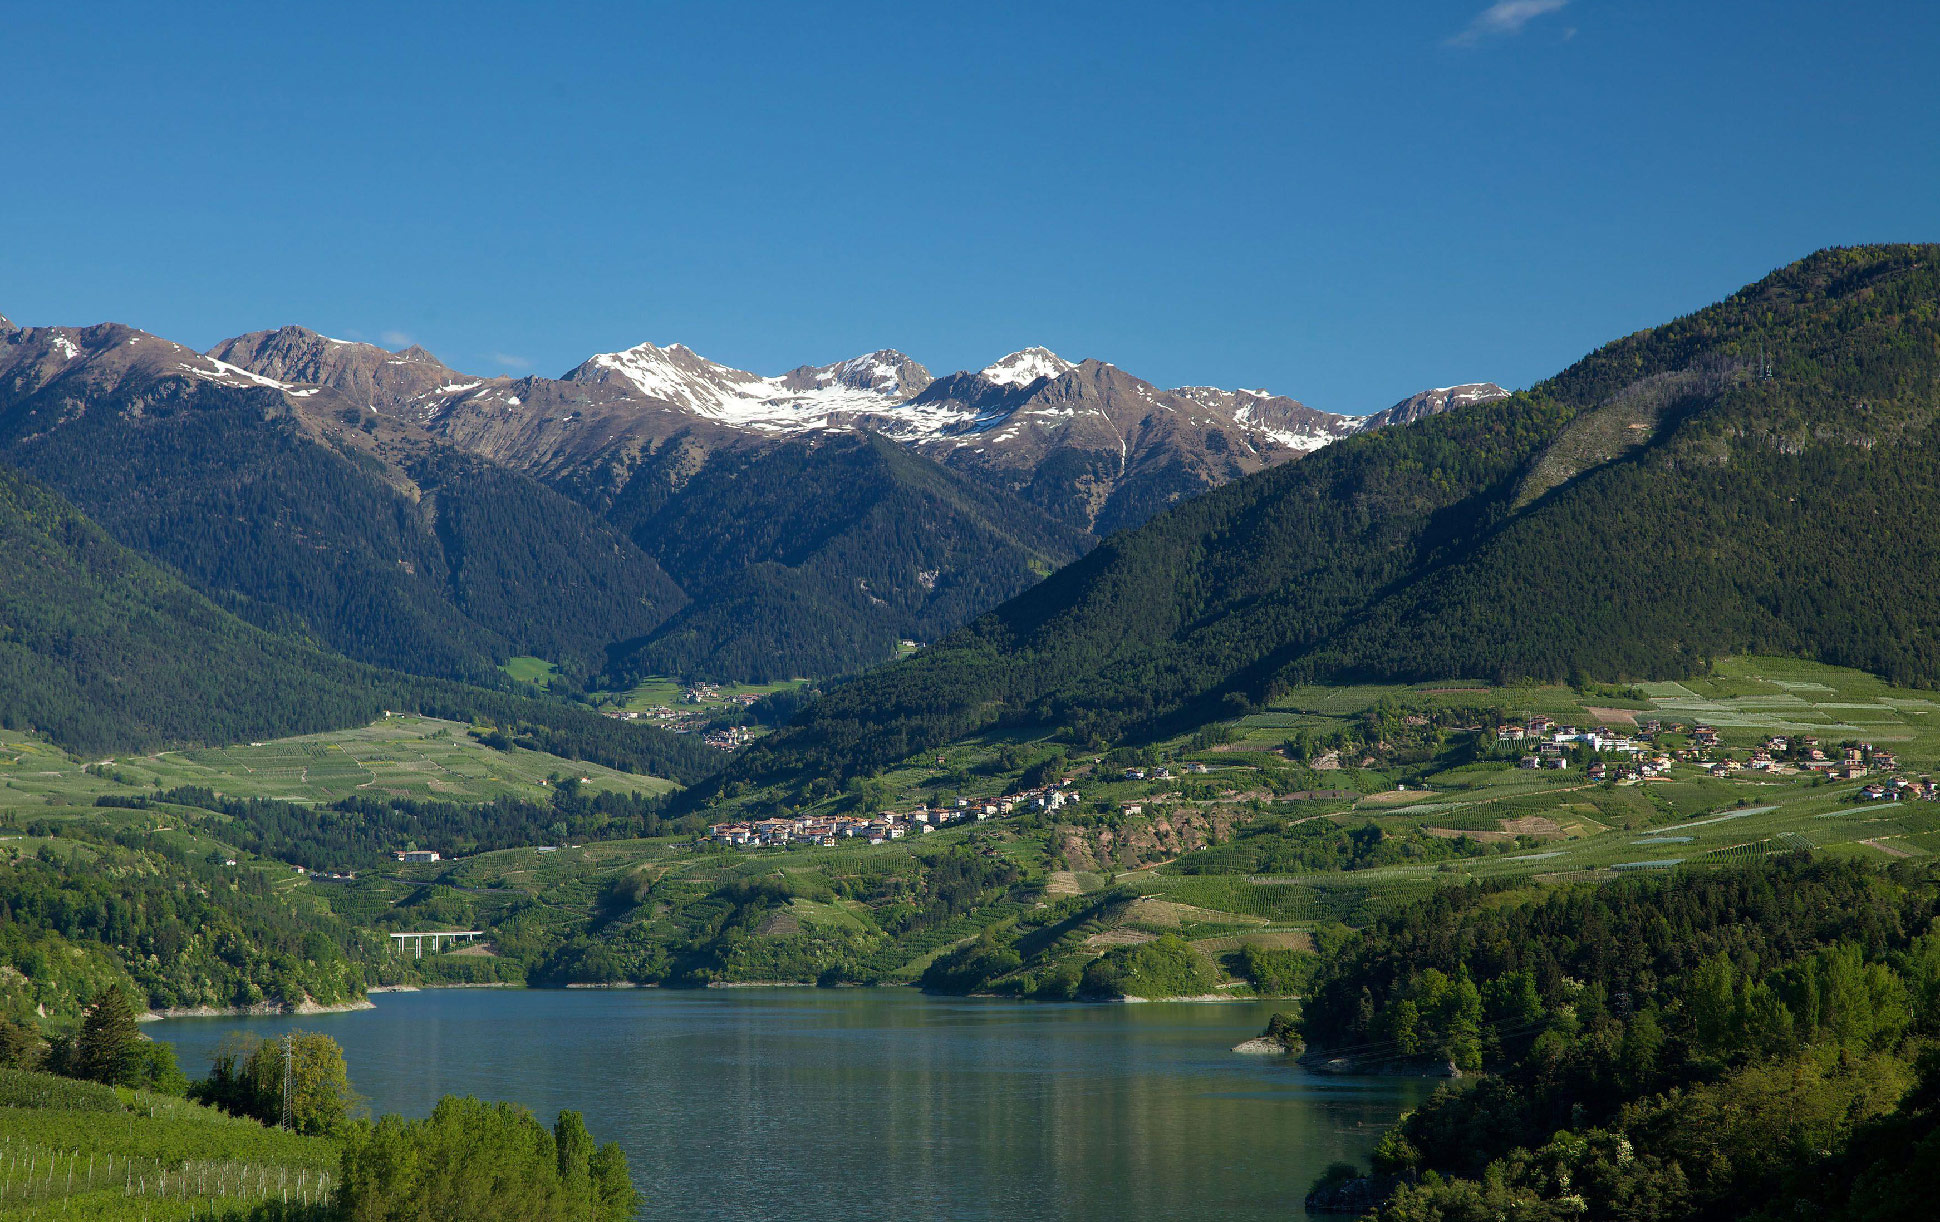 Val di Non - Anaunia - Lago di Santa Giustina - Sullo sfondo la catena montuosa dell Maddalene